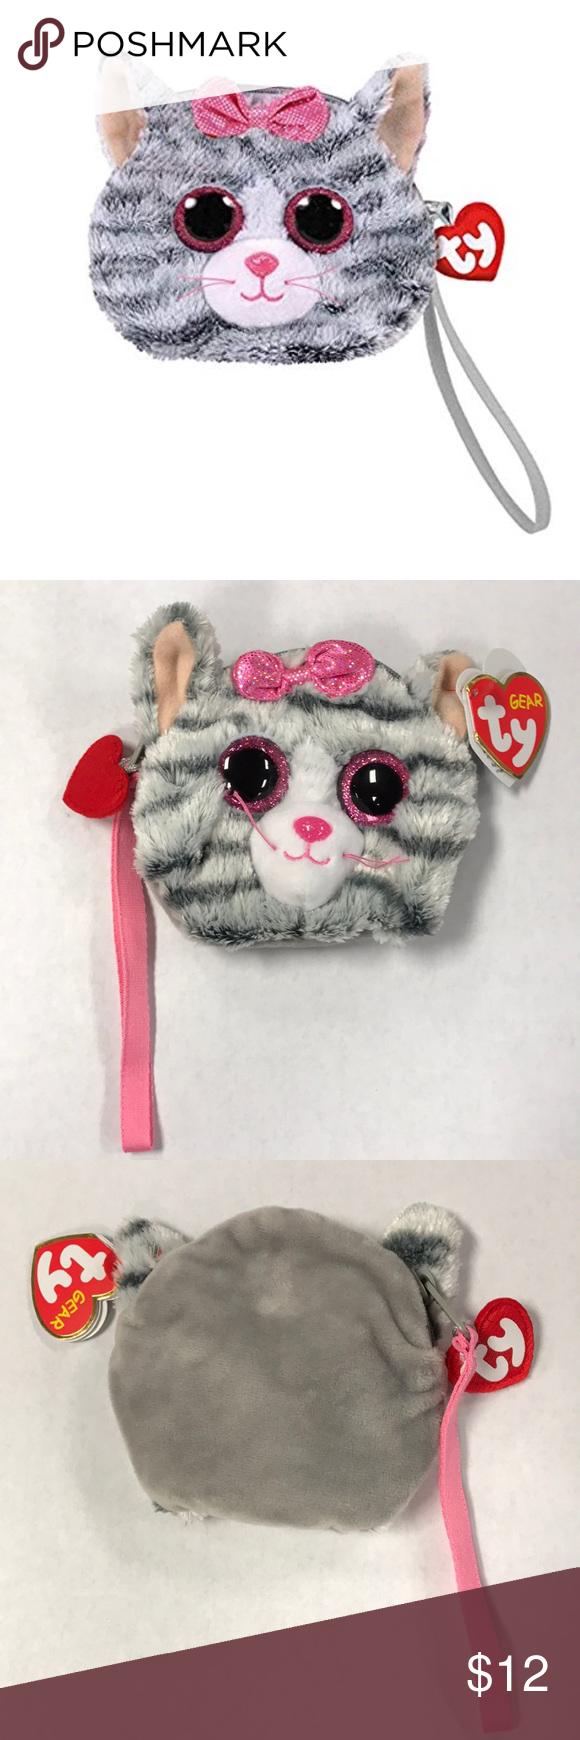 43240ff4a5c TY Gear Beanie KIKI Grey Cat Wristlet Coin Purse Cute TY Gear purse. Has a